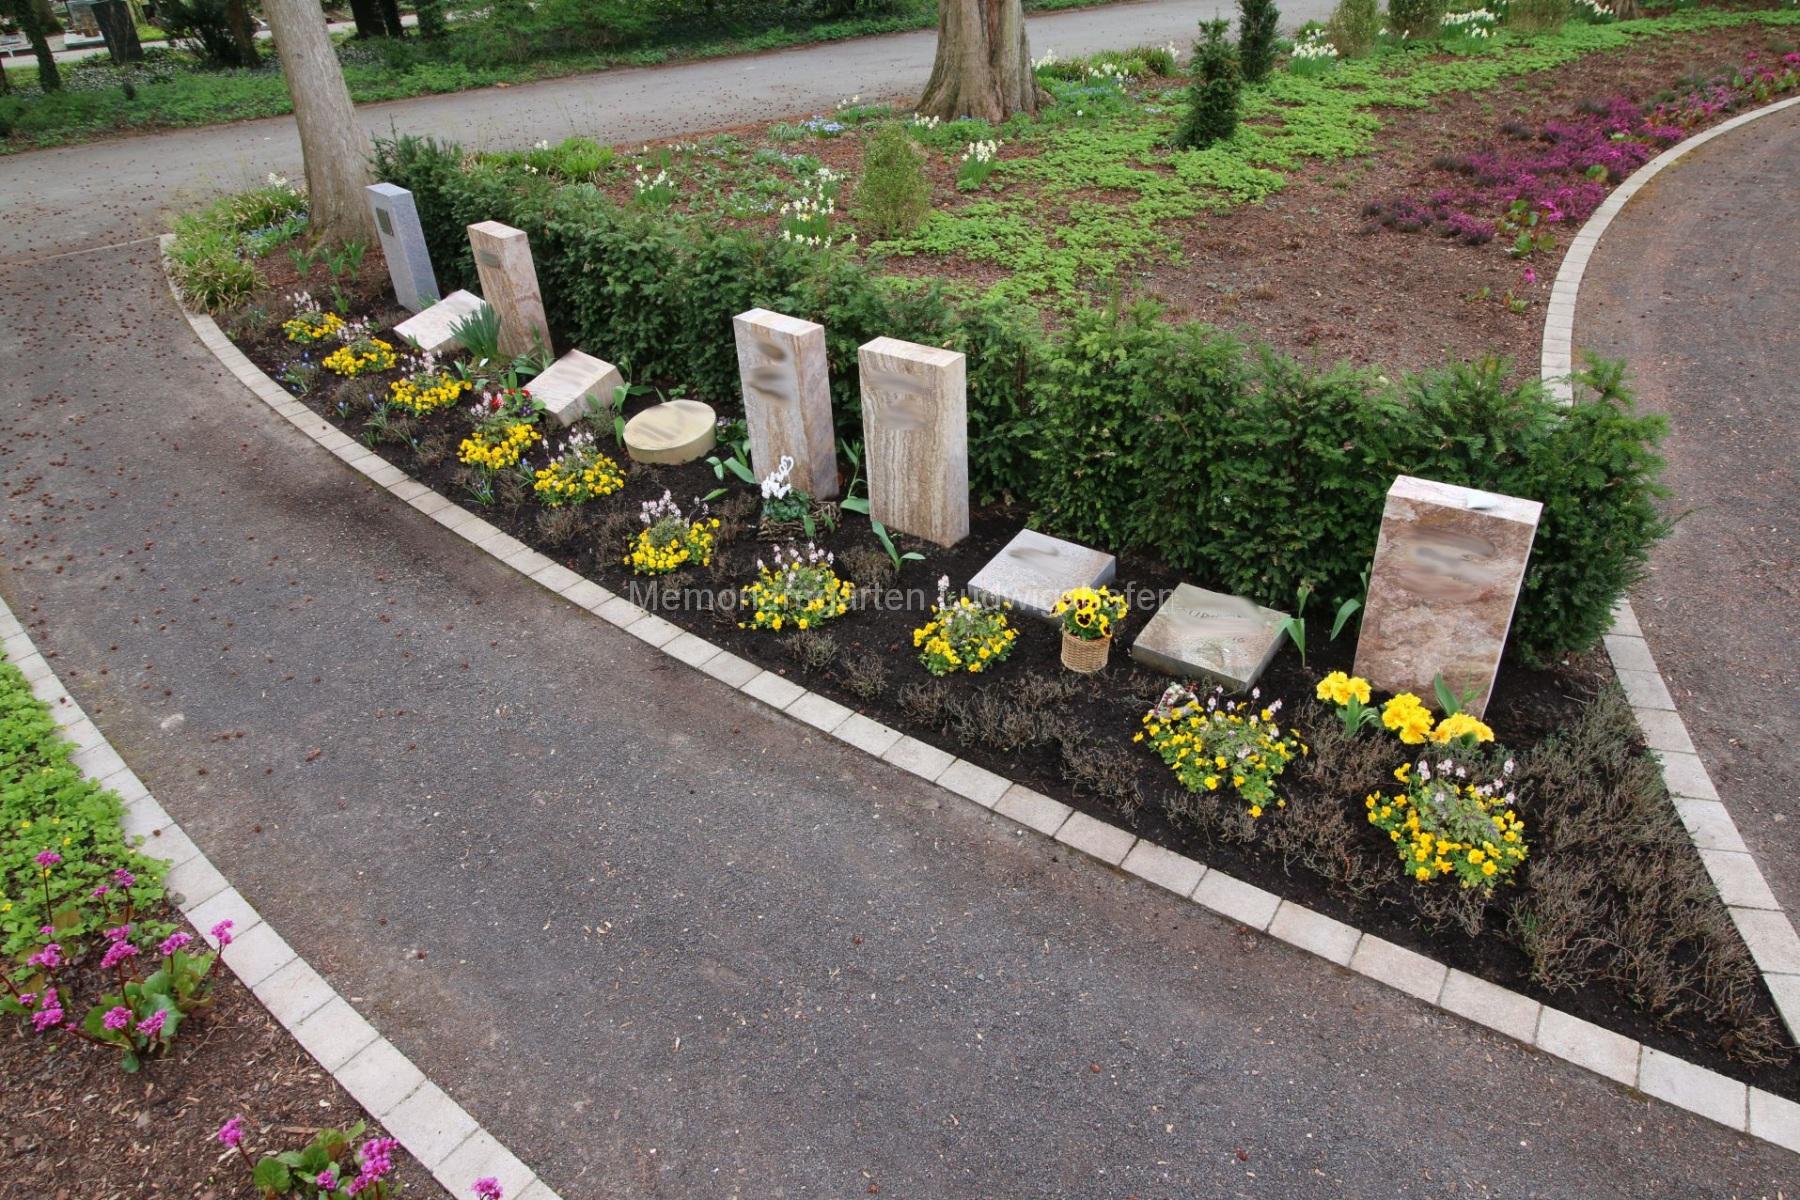 Memoriamgarten Hauptfriedhof